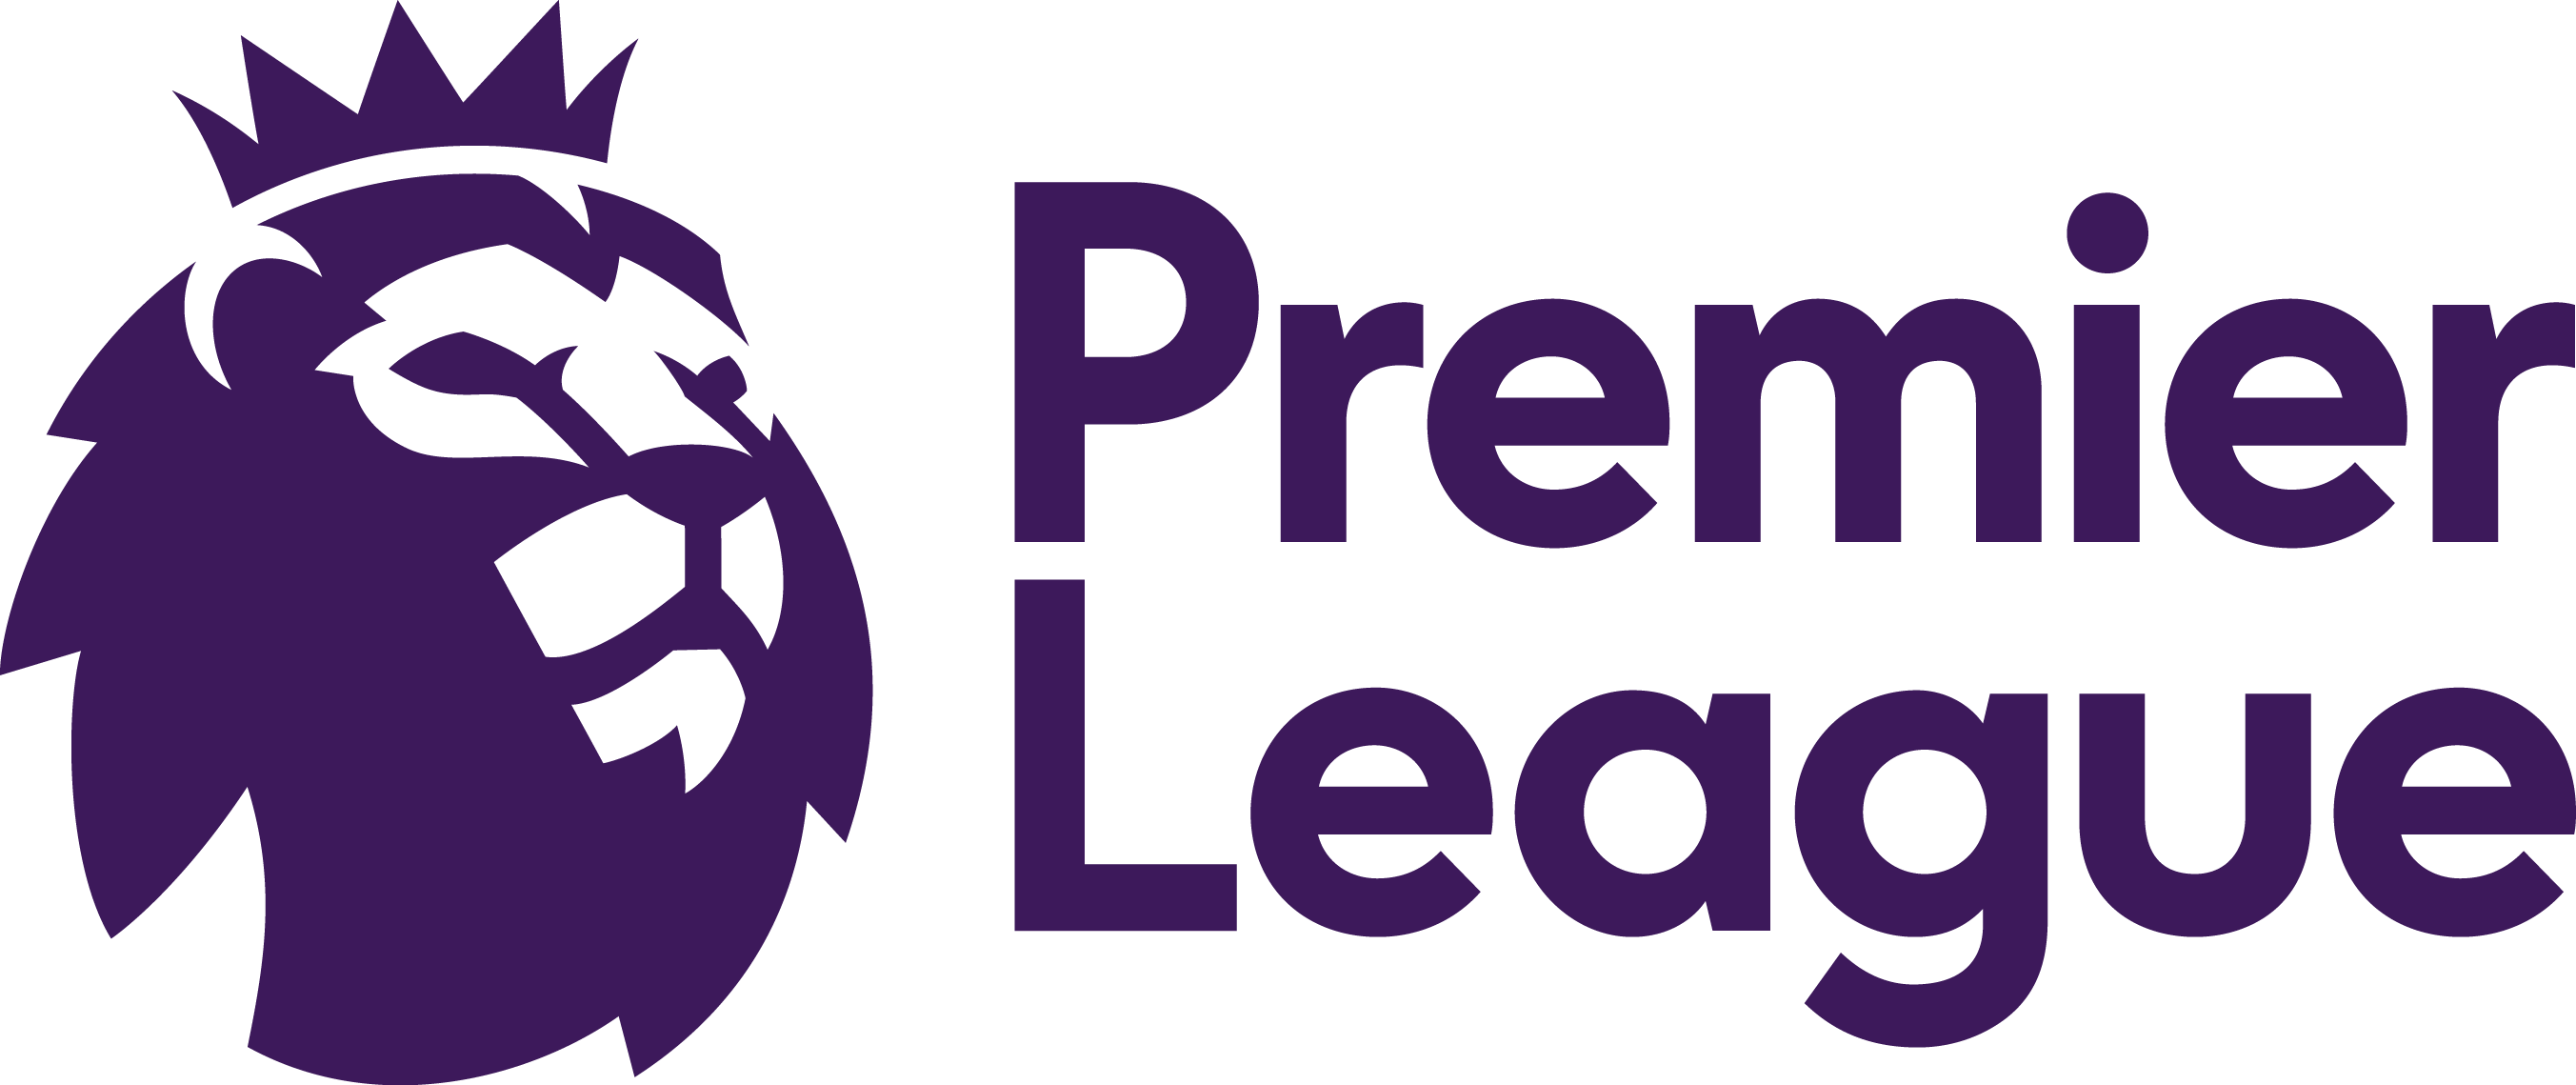 NUEVO AVATAR DE TRUMBO - Página 10 Epl-premier-league-logo